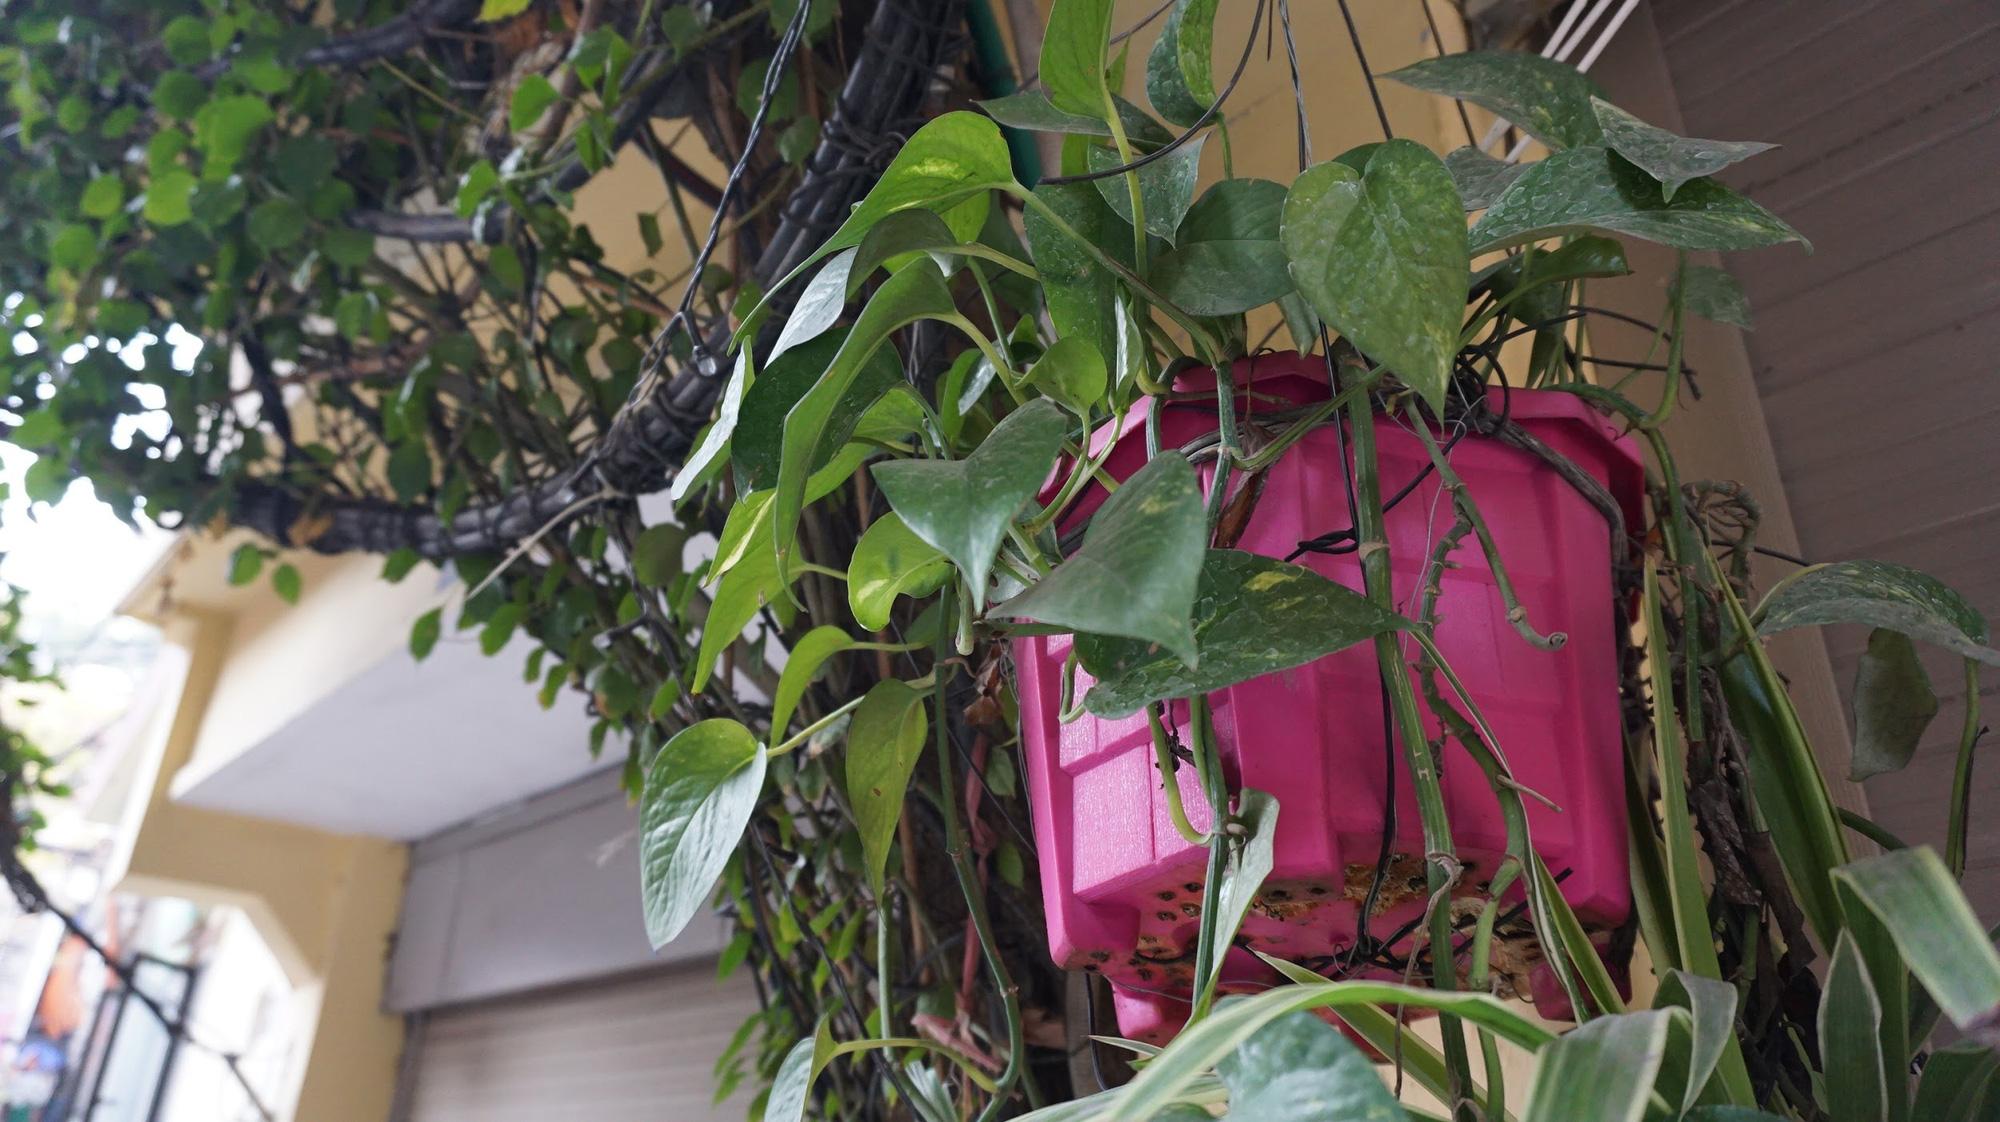 Nhà cây 5 tầng phủ kín hoa giấy ở Hà Nội, ai đi qua cũng dừng lại ngắm - Ảnh 9.